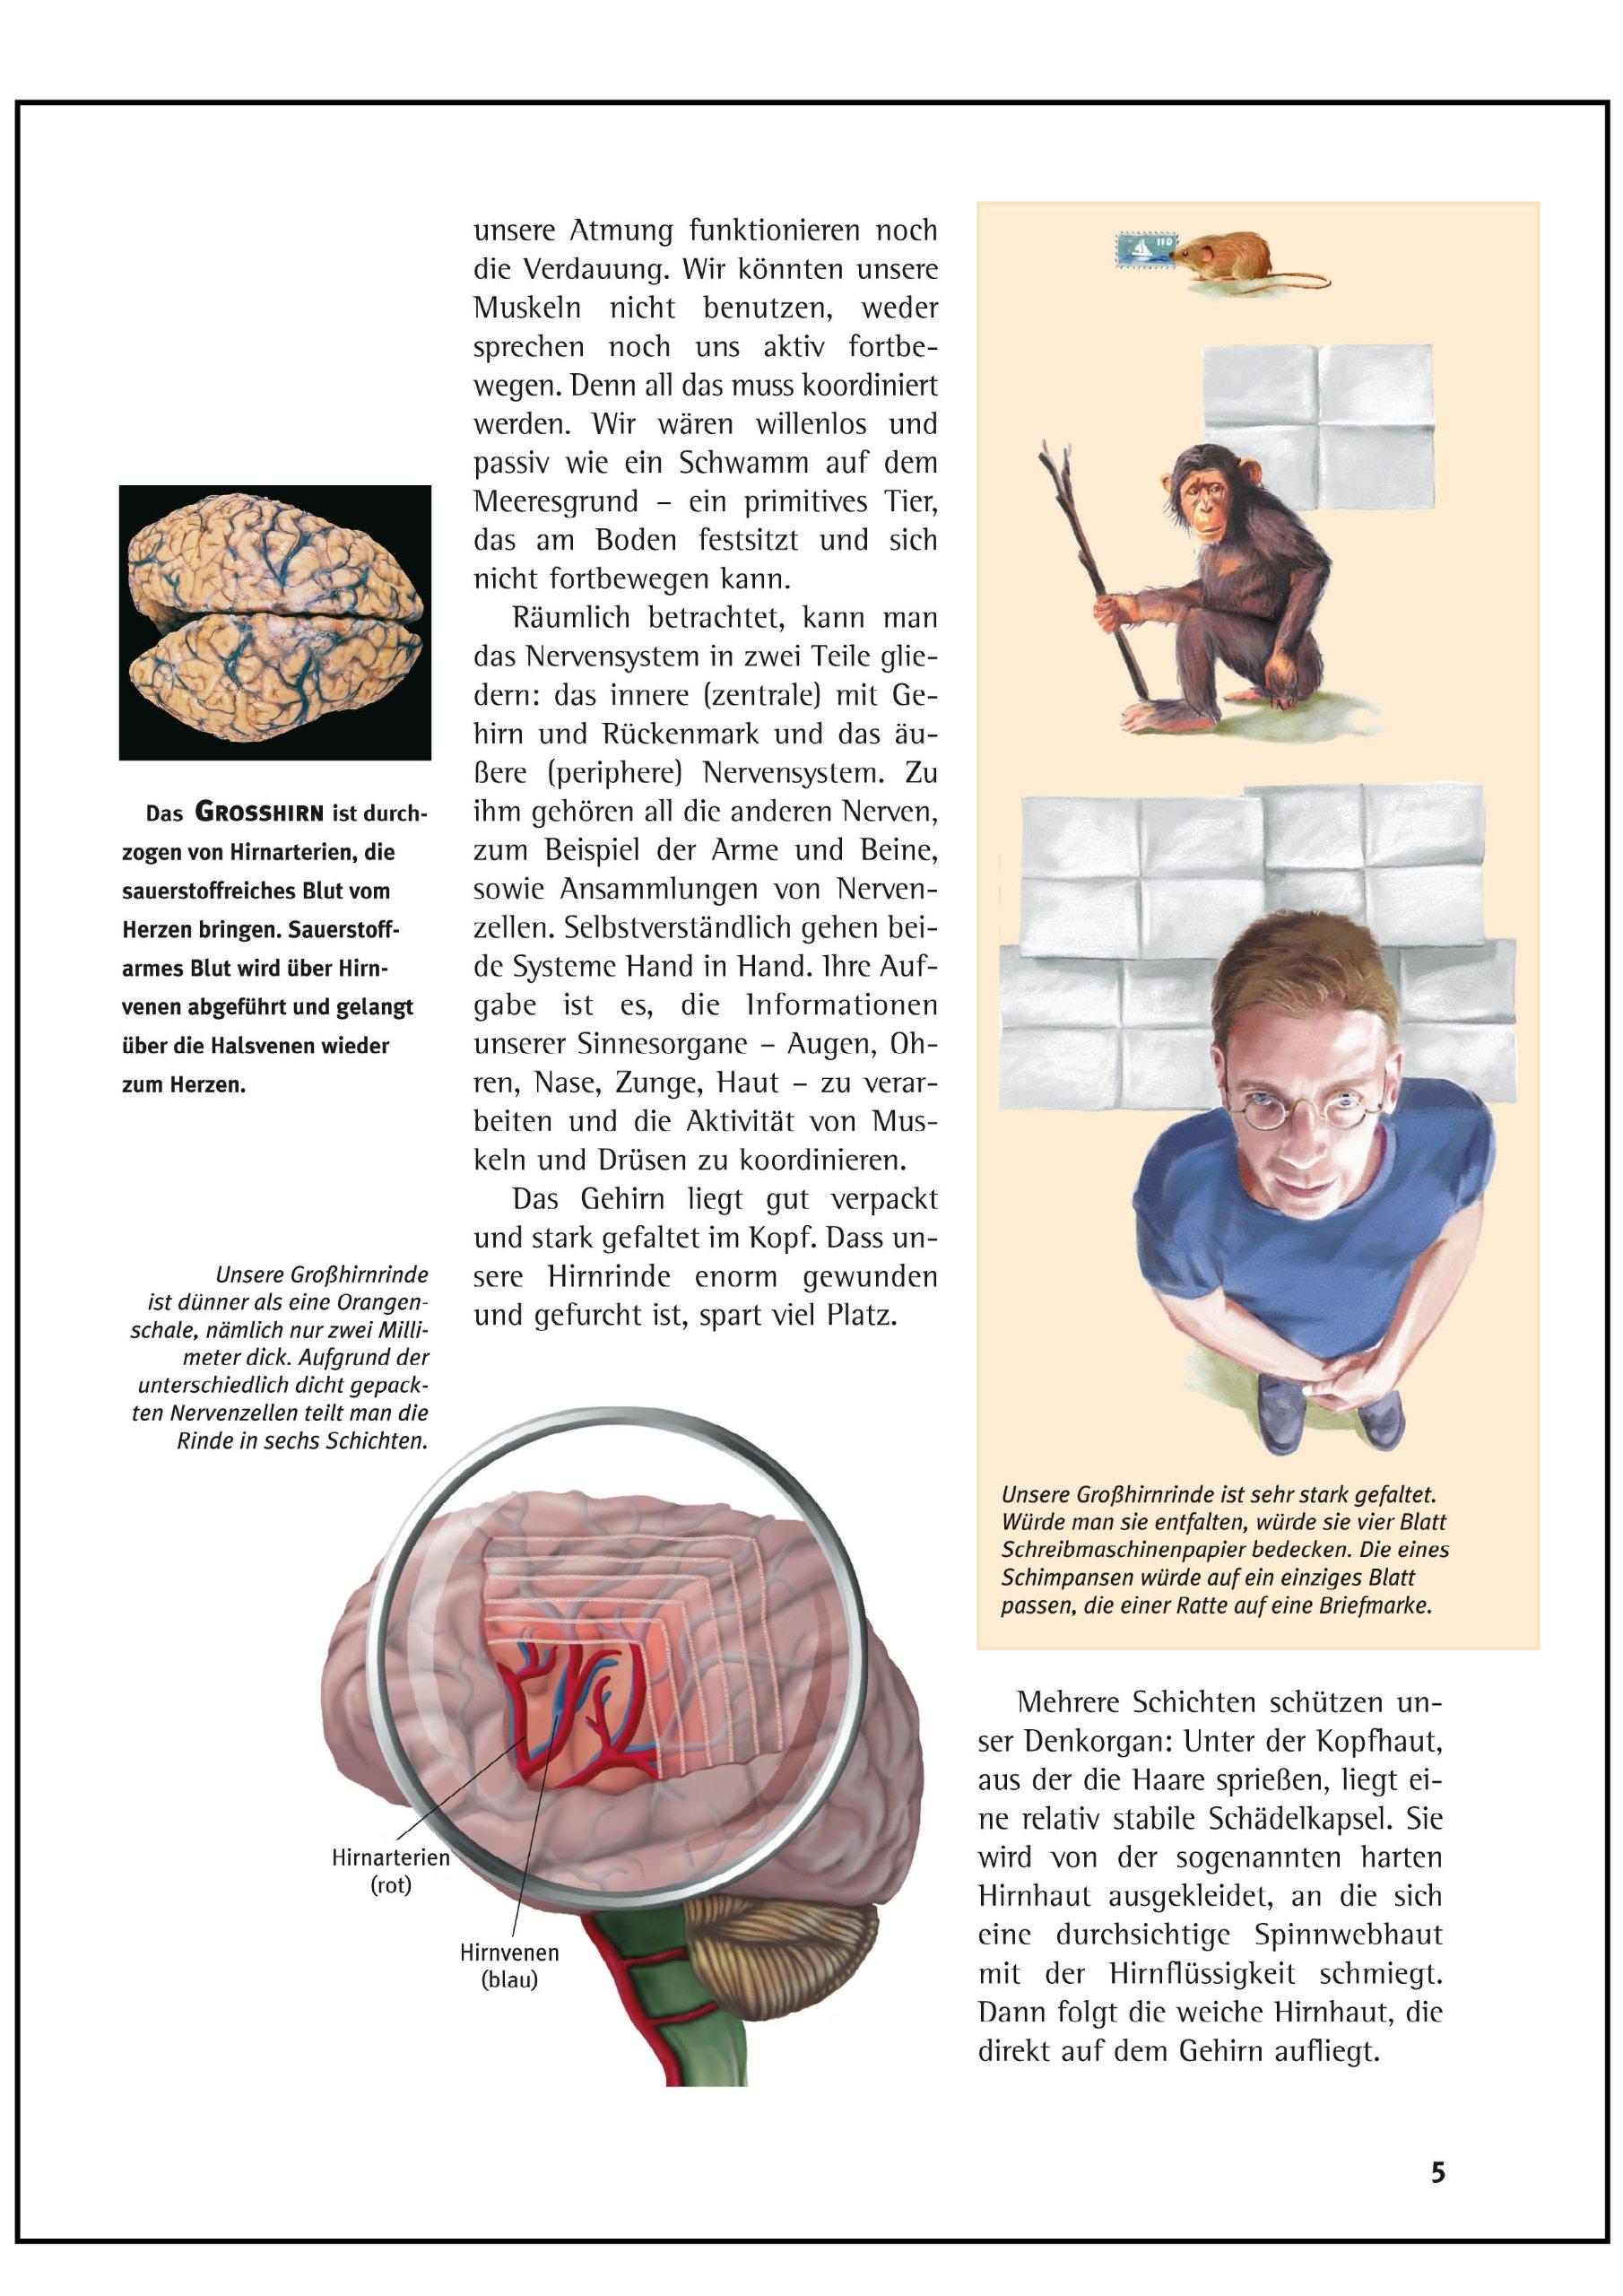 Wunderbar Schichten Der Anatomie Des Gehirns Zeitgenössisch ...